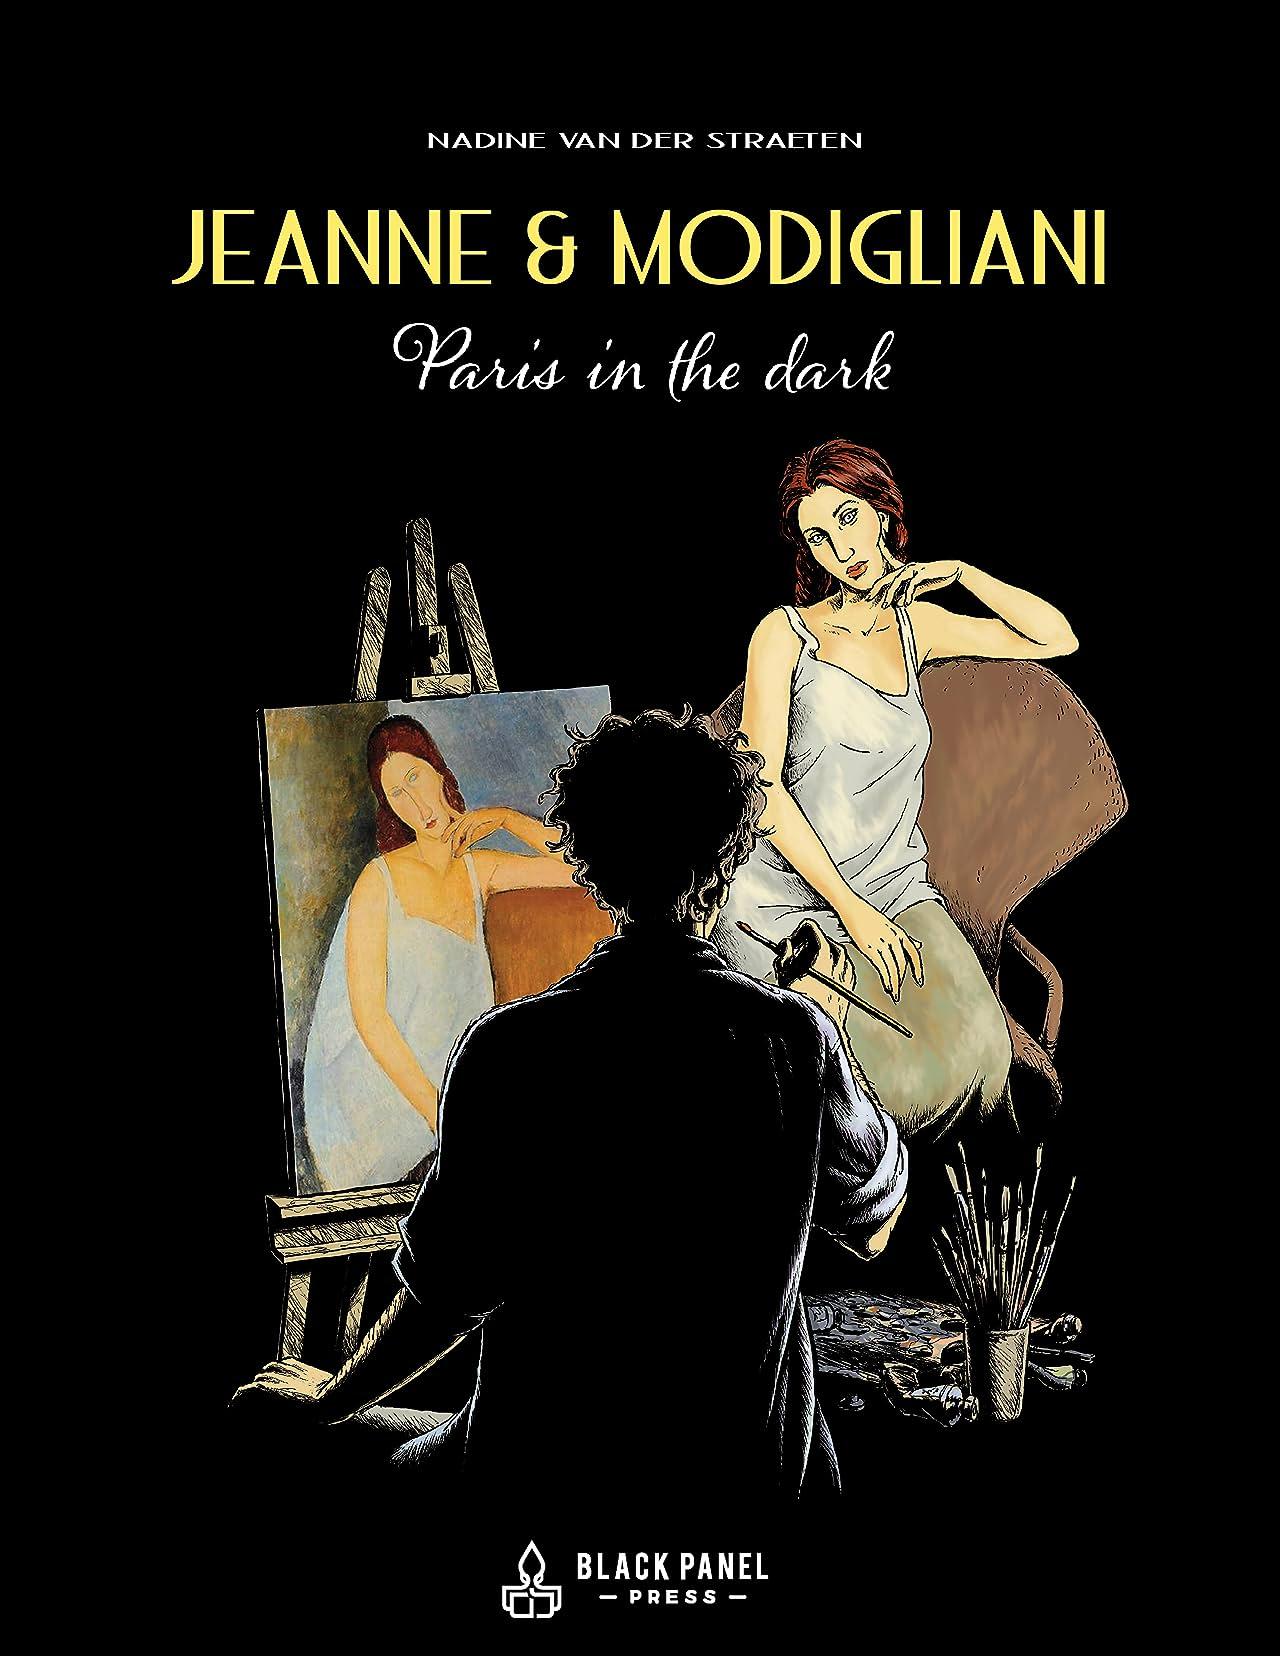 Jeanne & Modigliani: Paris in the Dark